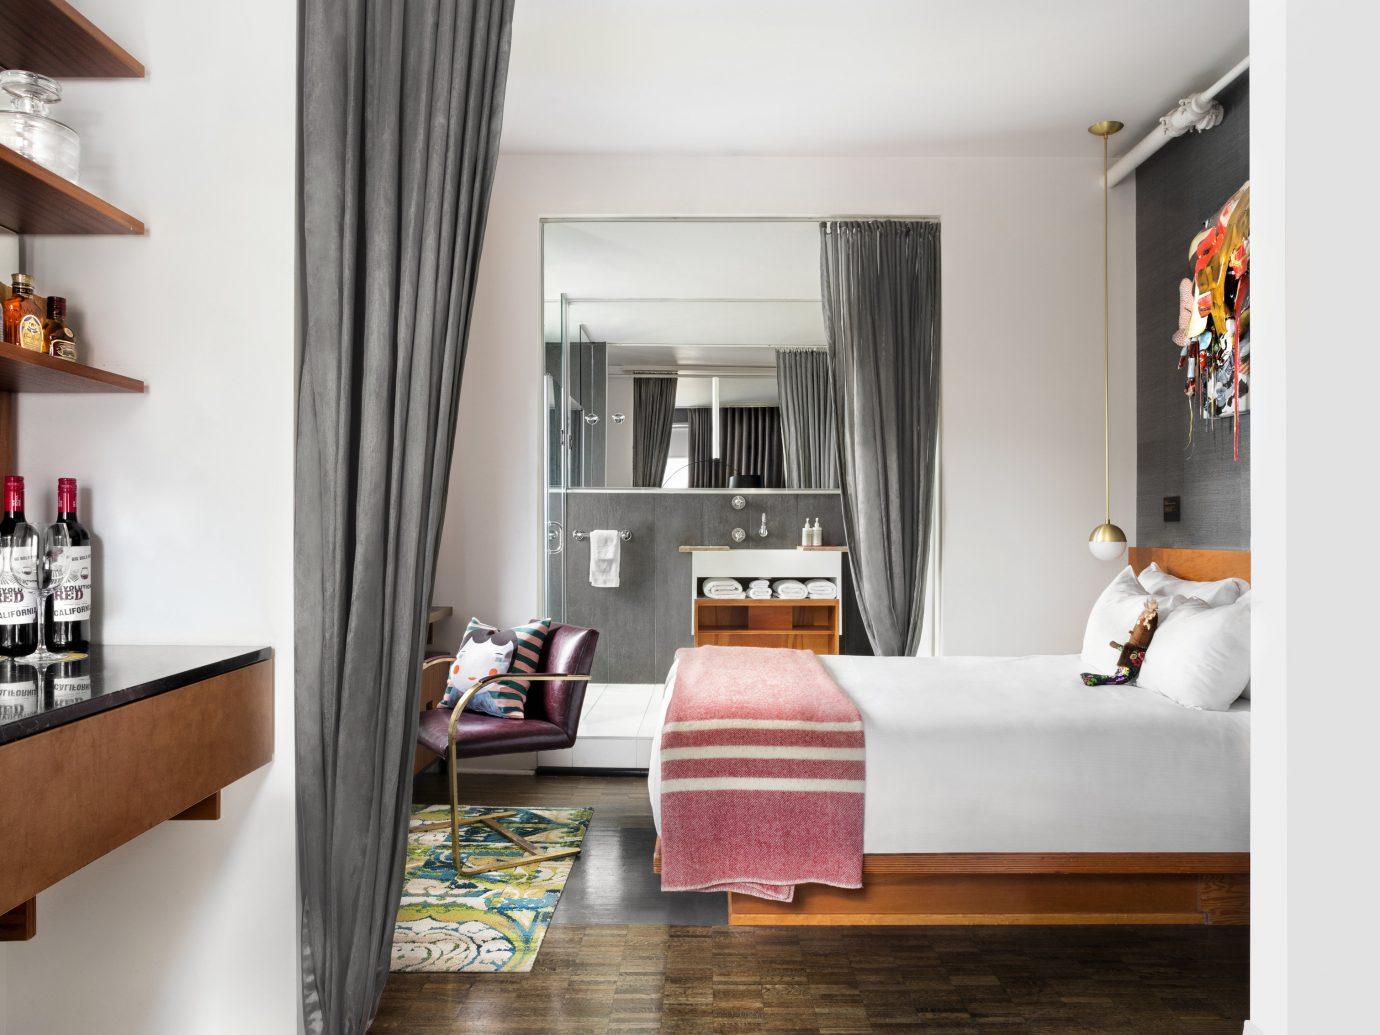 Canada Hotels Toronto indoor wall floor Living room interior design Suite furniture living room home Bedroom shelf interior designer flooring bed window wood